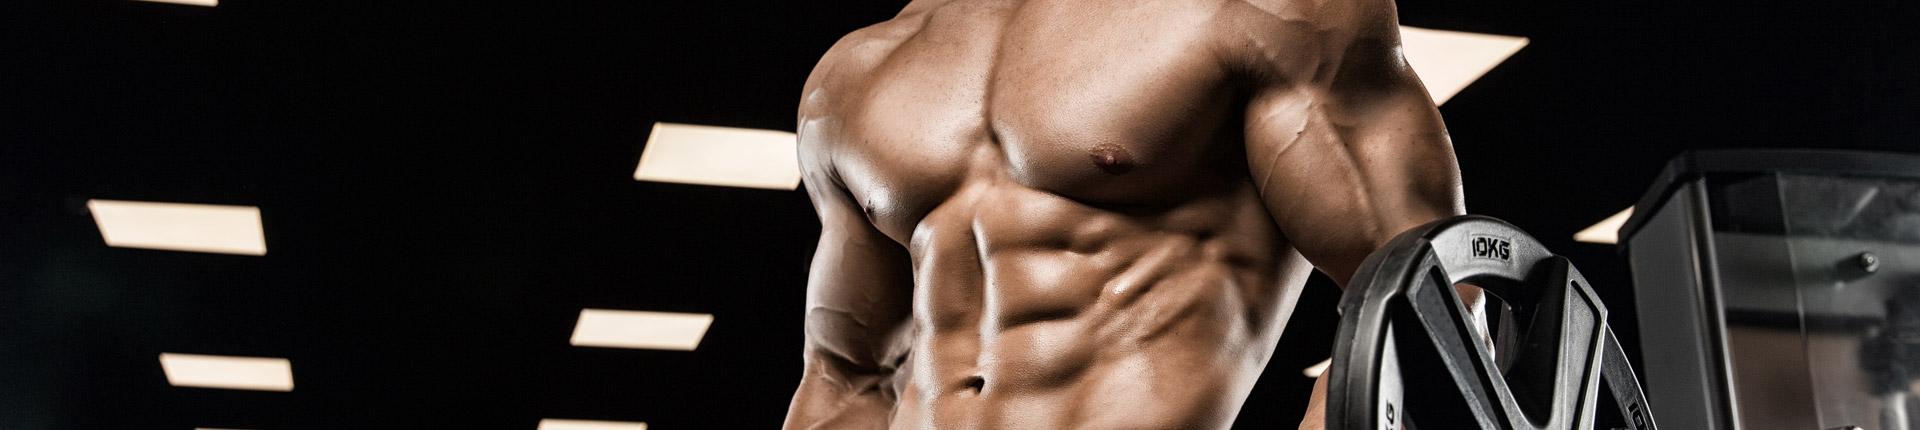 Zadbaj o swój testosteron! Zwiększ poziom testosteronu